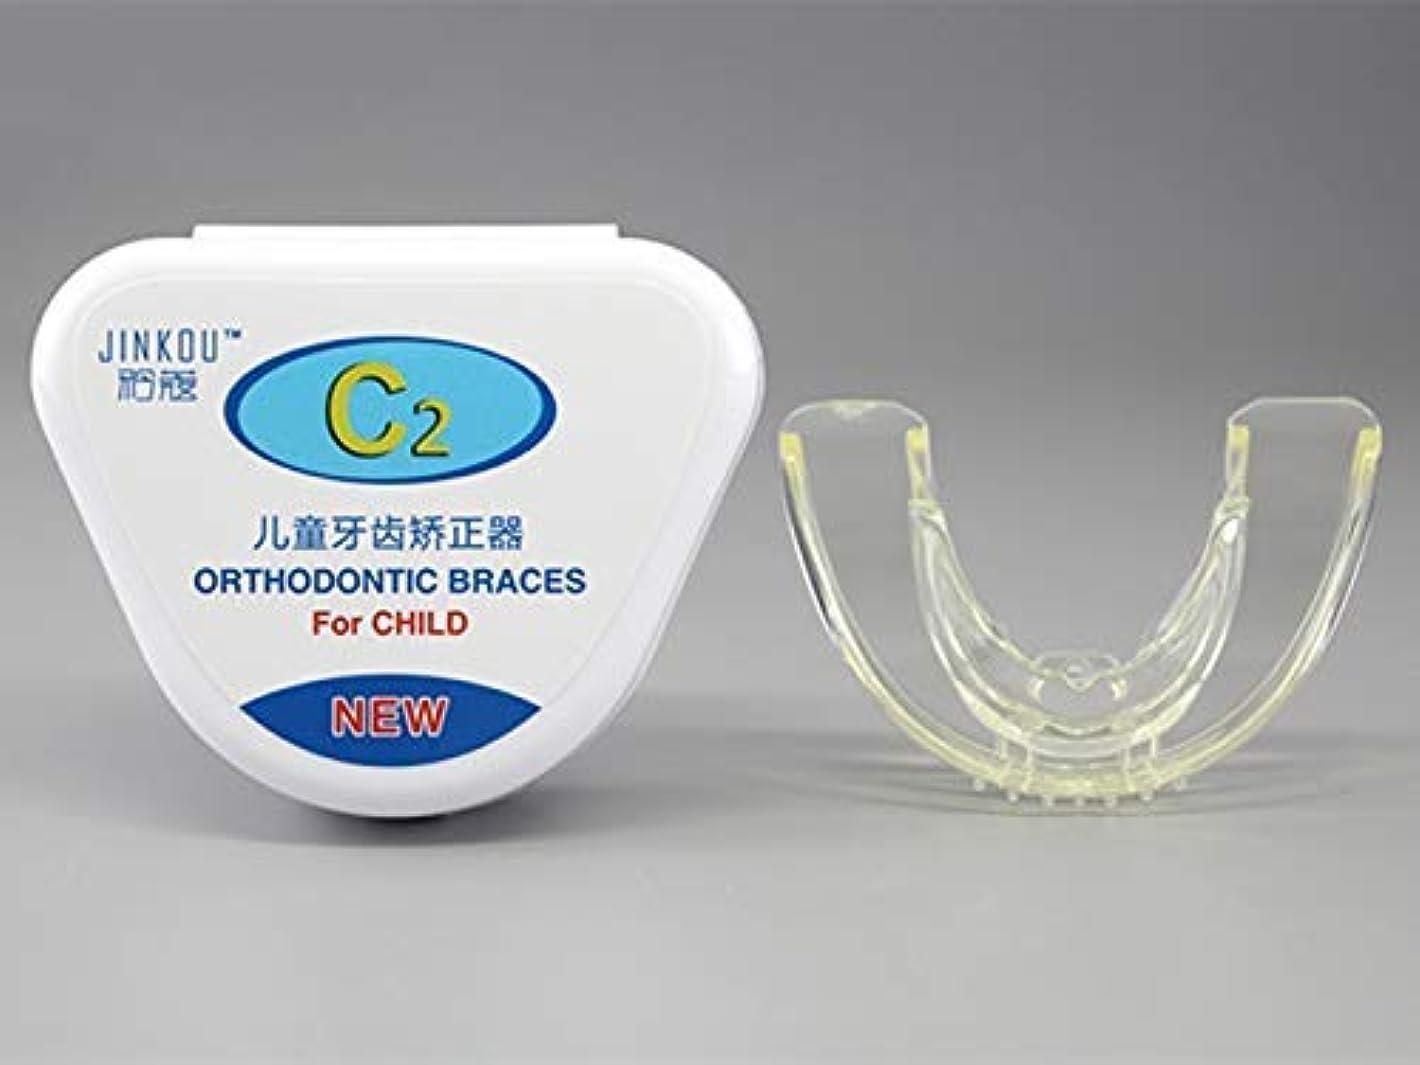 皮肉な提供爬虫類歯科用マウスガード歯列矯正器具歯並びトレーナーリテーナー箱付き7-12歳の子供用歯科用器具 (ClearC2)